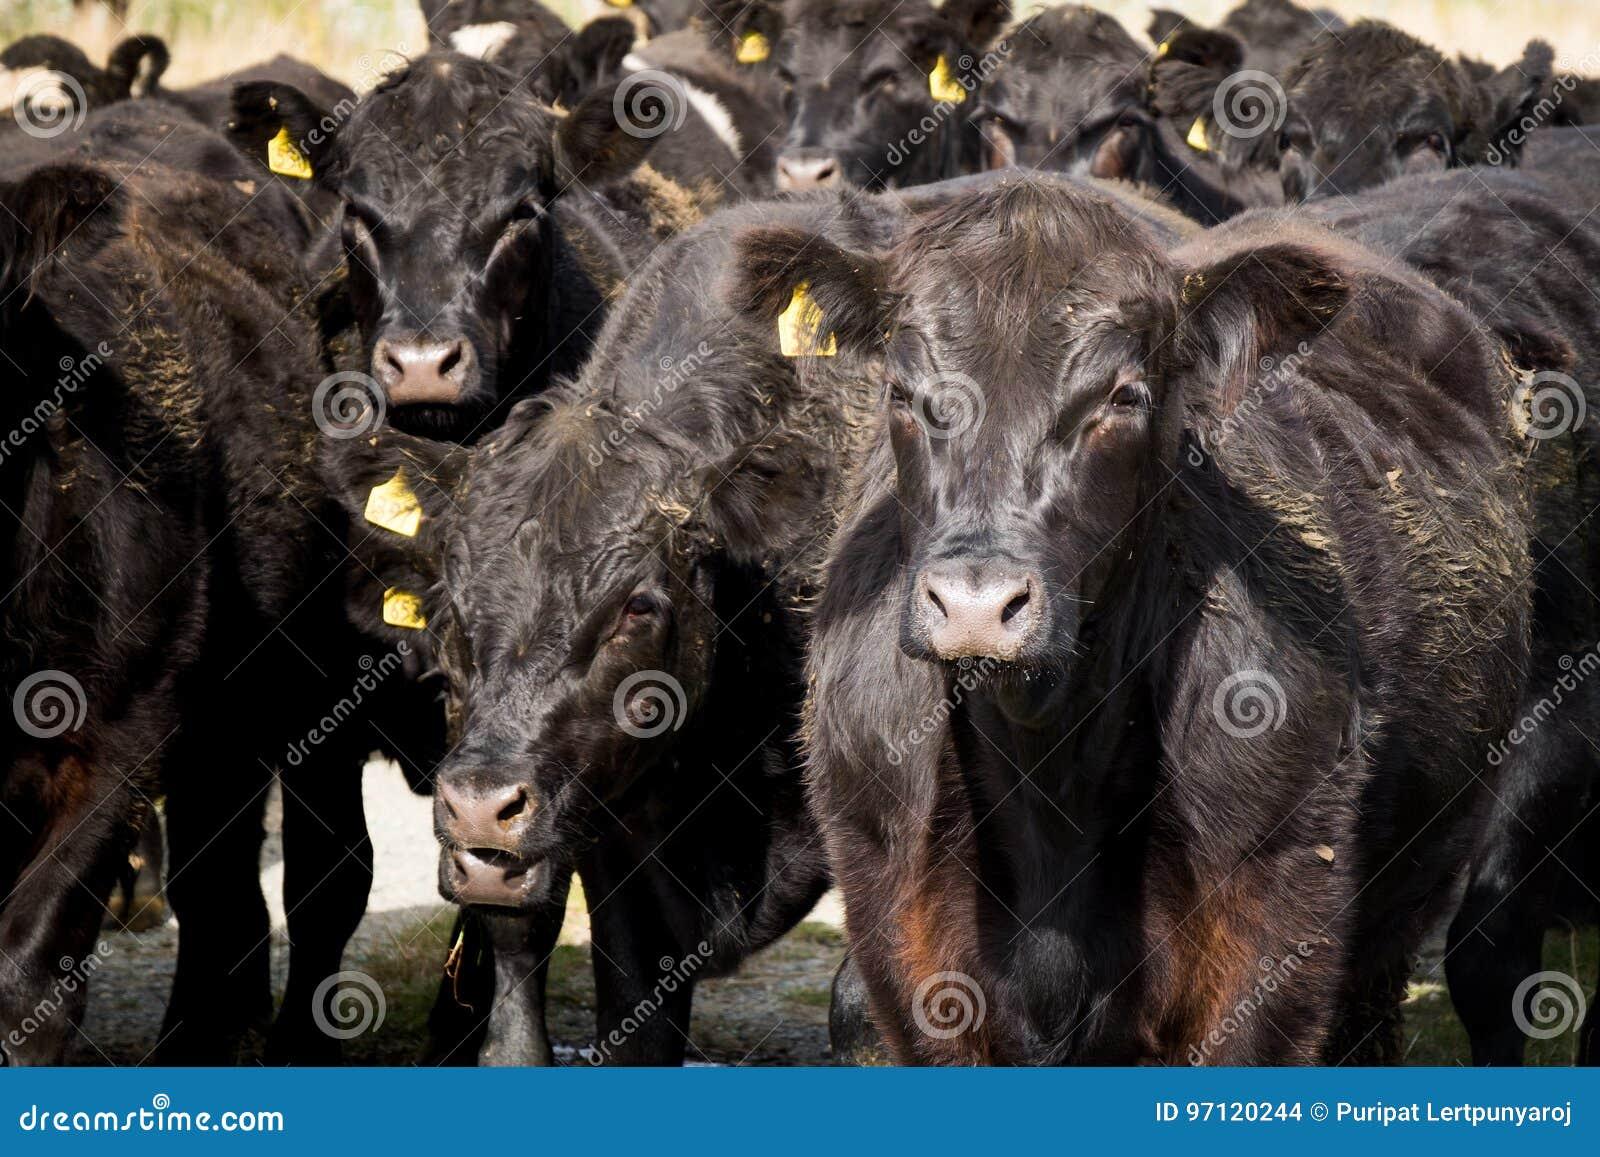 Herd of cow, New Zealand